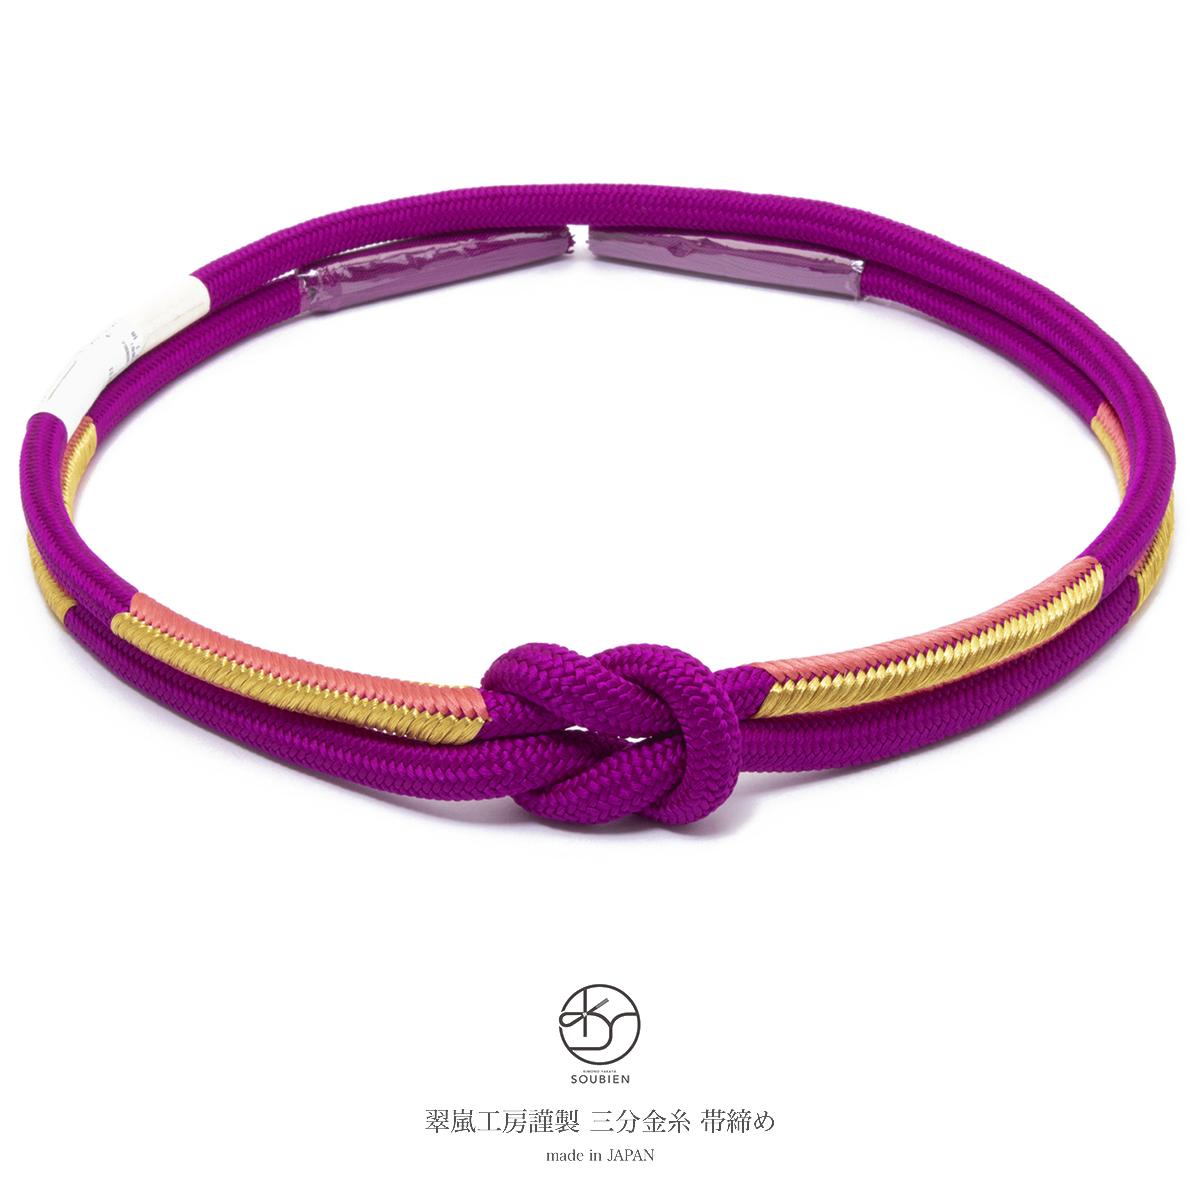 成人式の振袖に!伝統工芸の日本製・正絹の帯締め